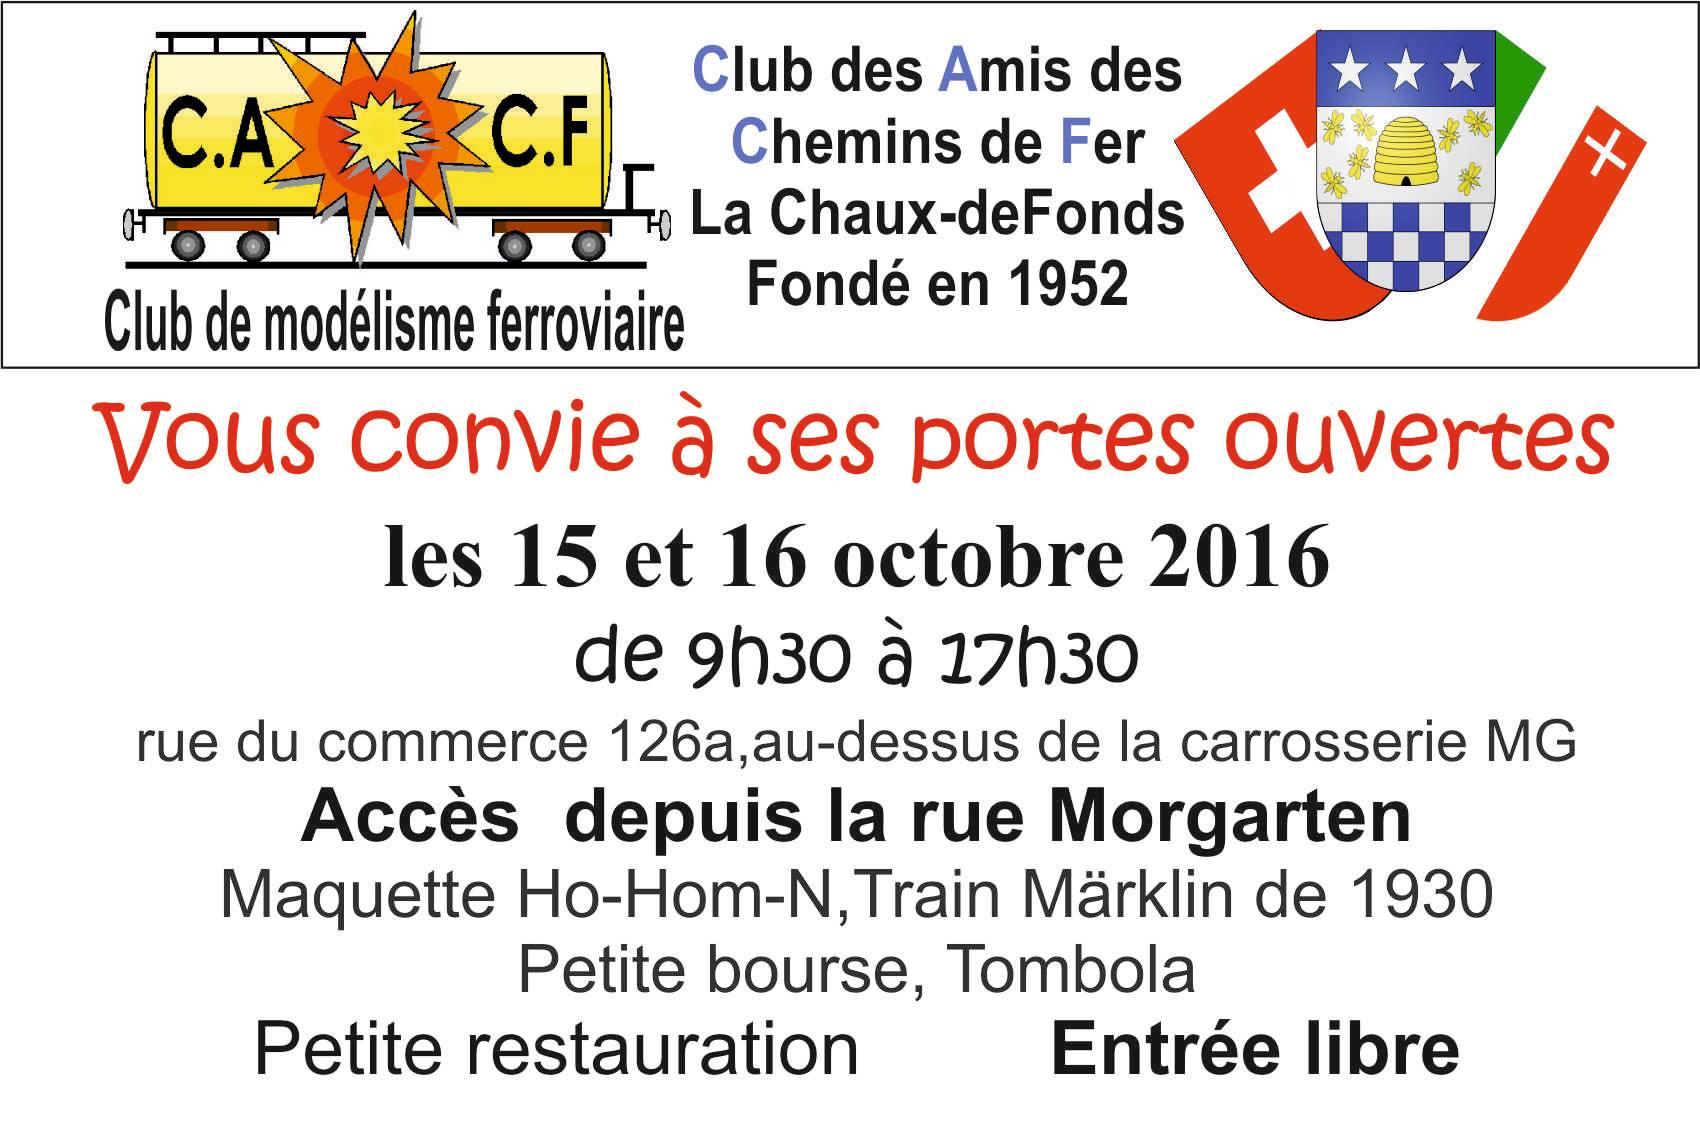 Portes ouvertes du CACF à La Chaux-de-Fonds (Suisse) Cacf-509b52e